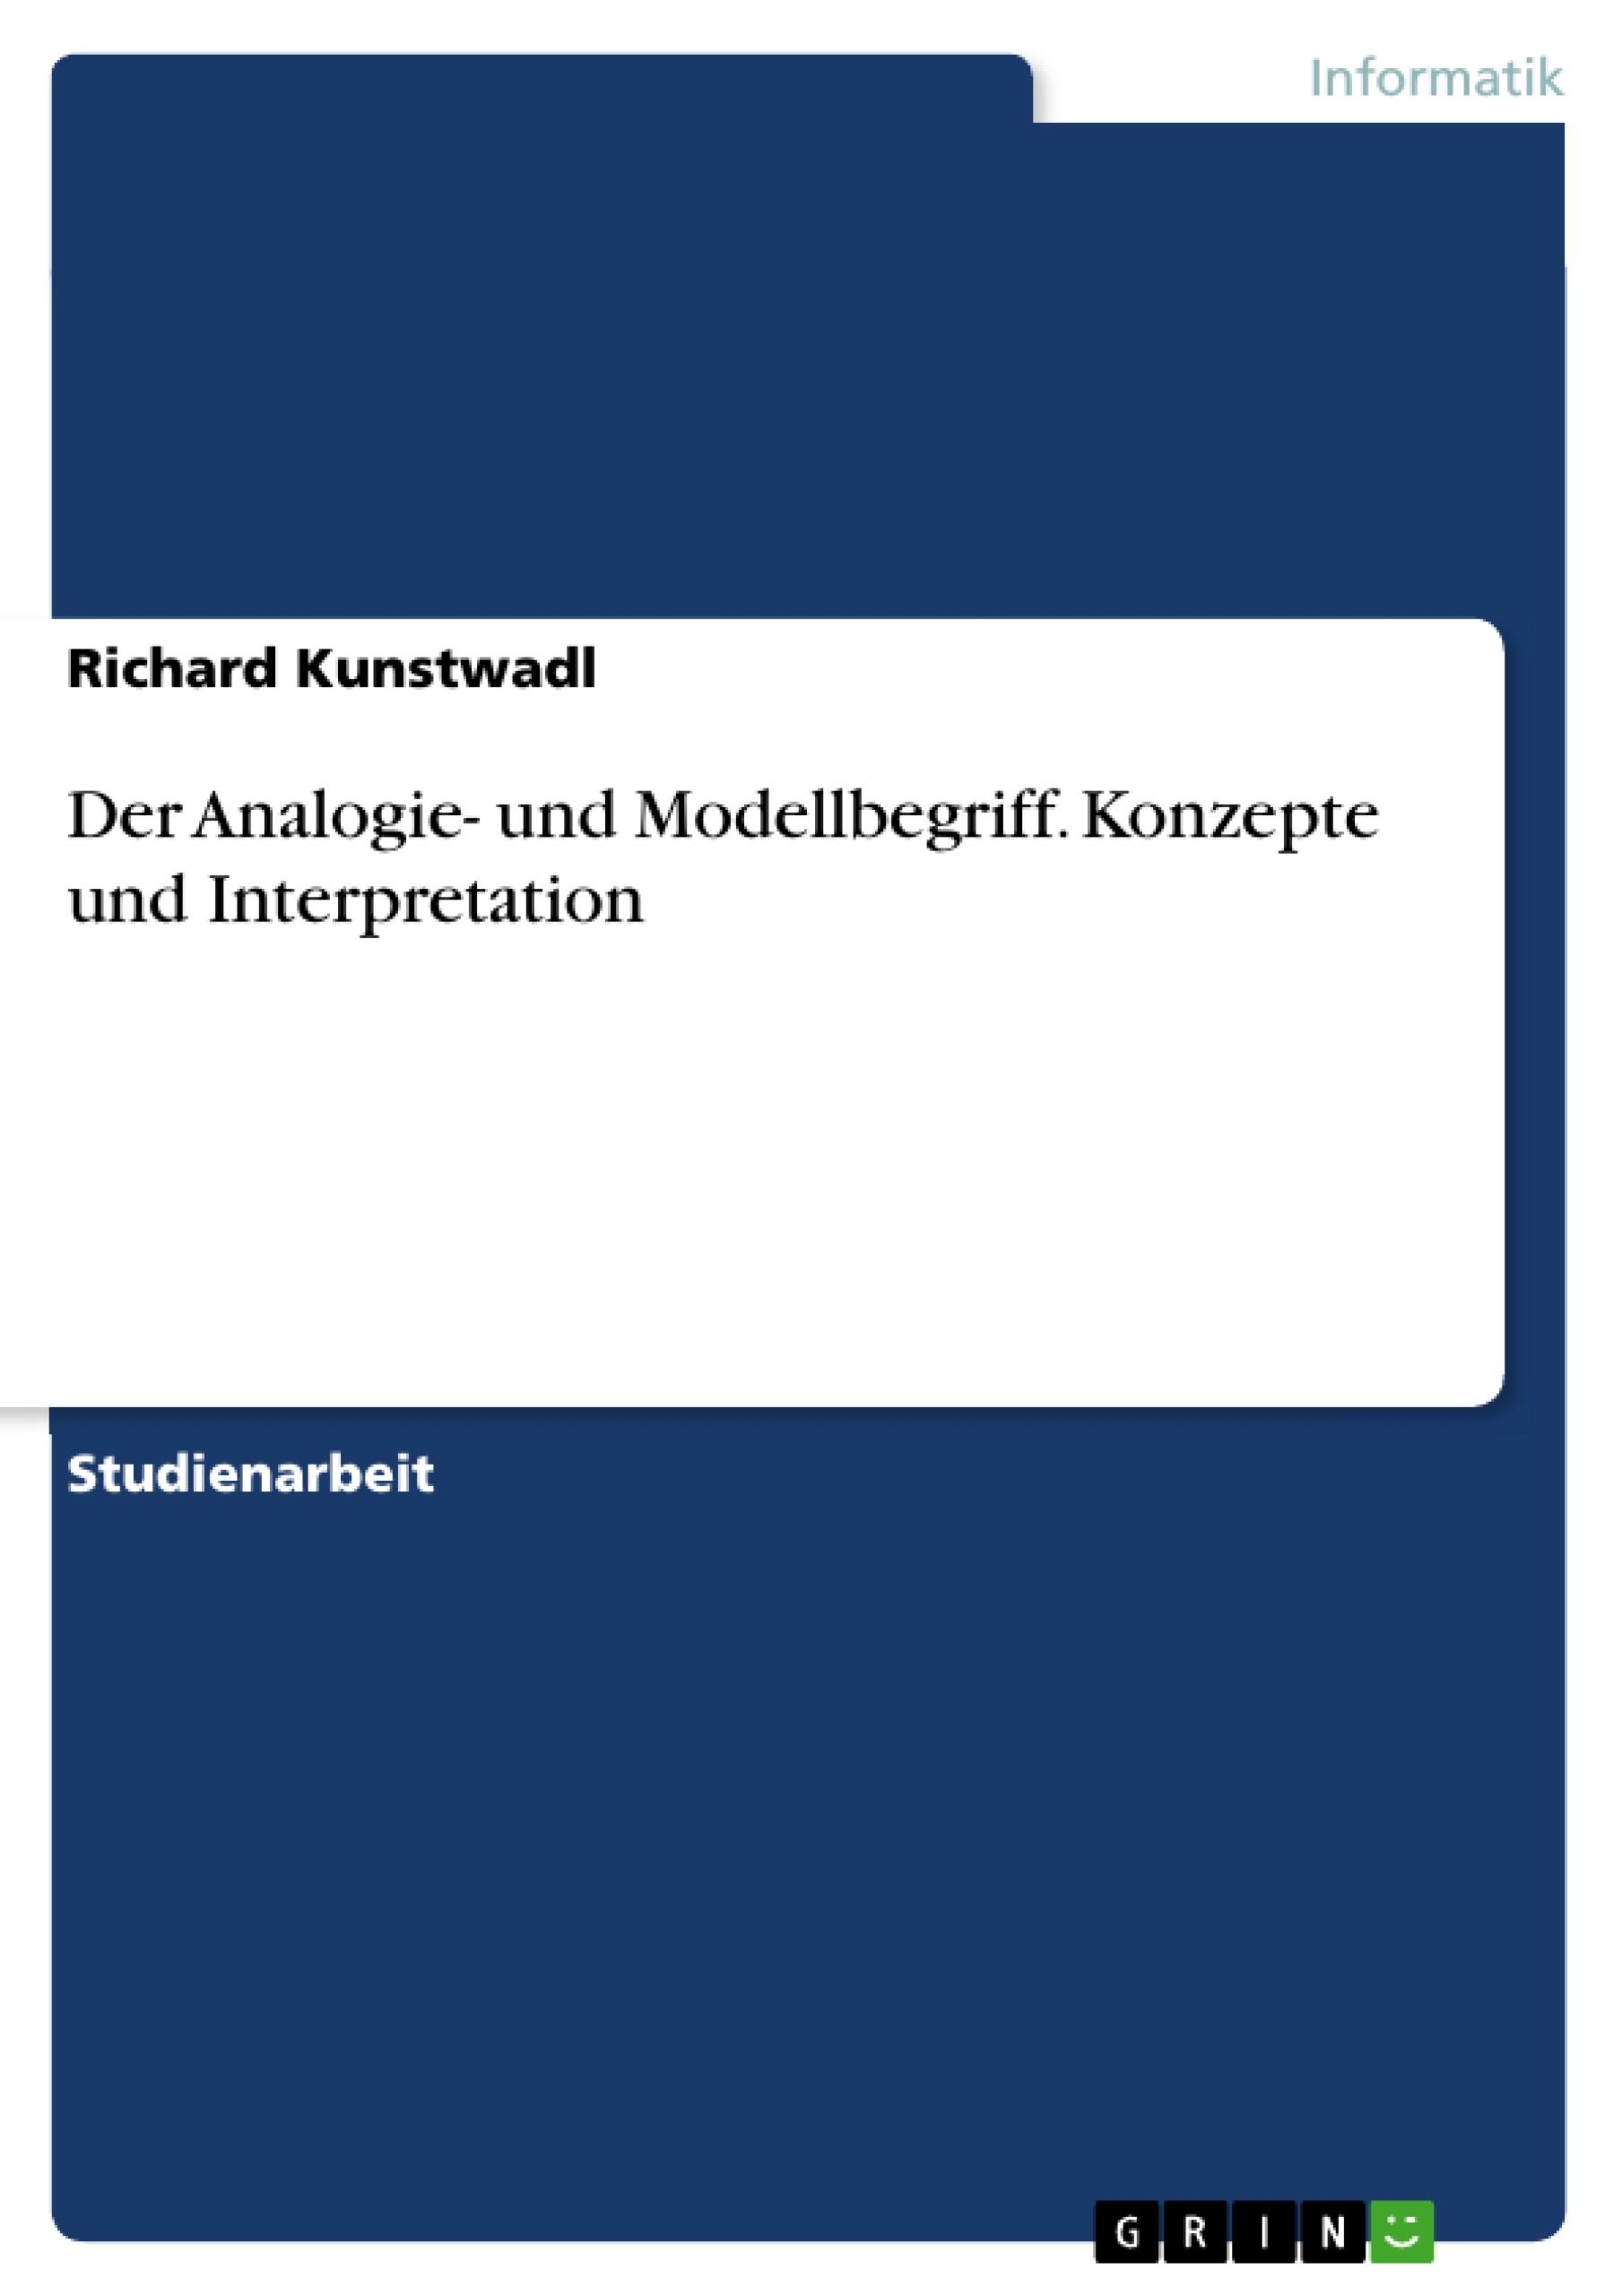 Titel: Der Analogie- und Modellbegriff. Konzepte und Interpretation